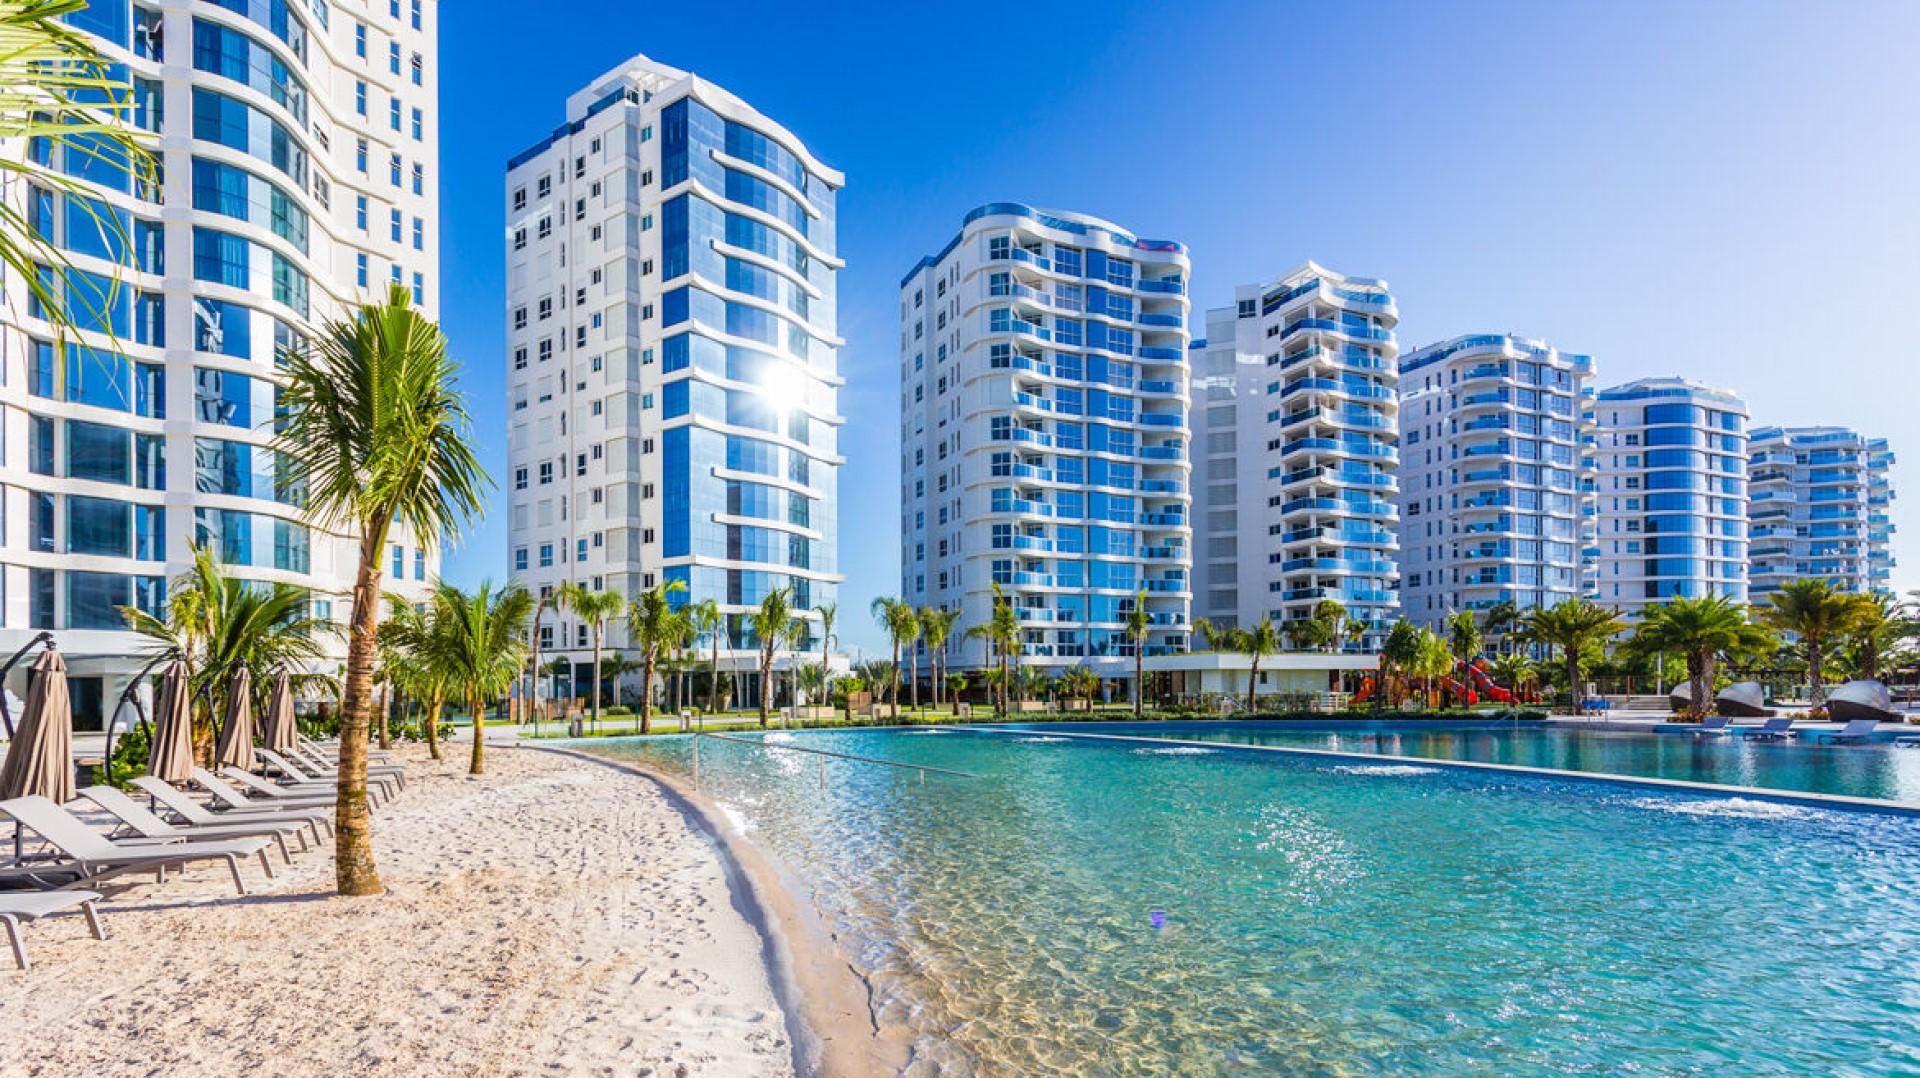 Brava Beach Resort - Projeto - Projeto ímpar Distribuidora , especialistas em Impermeabilização de Concreto